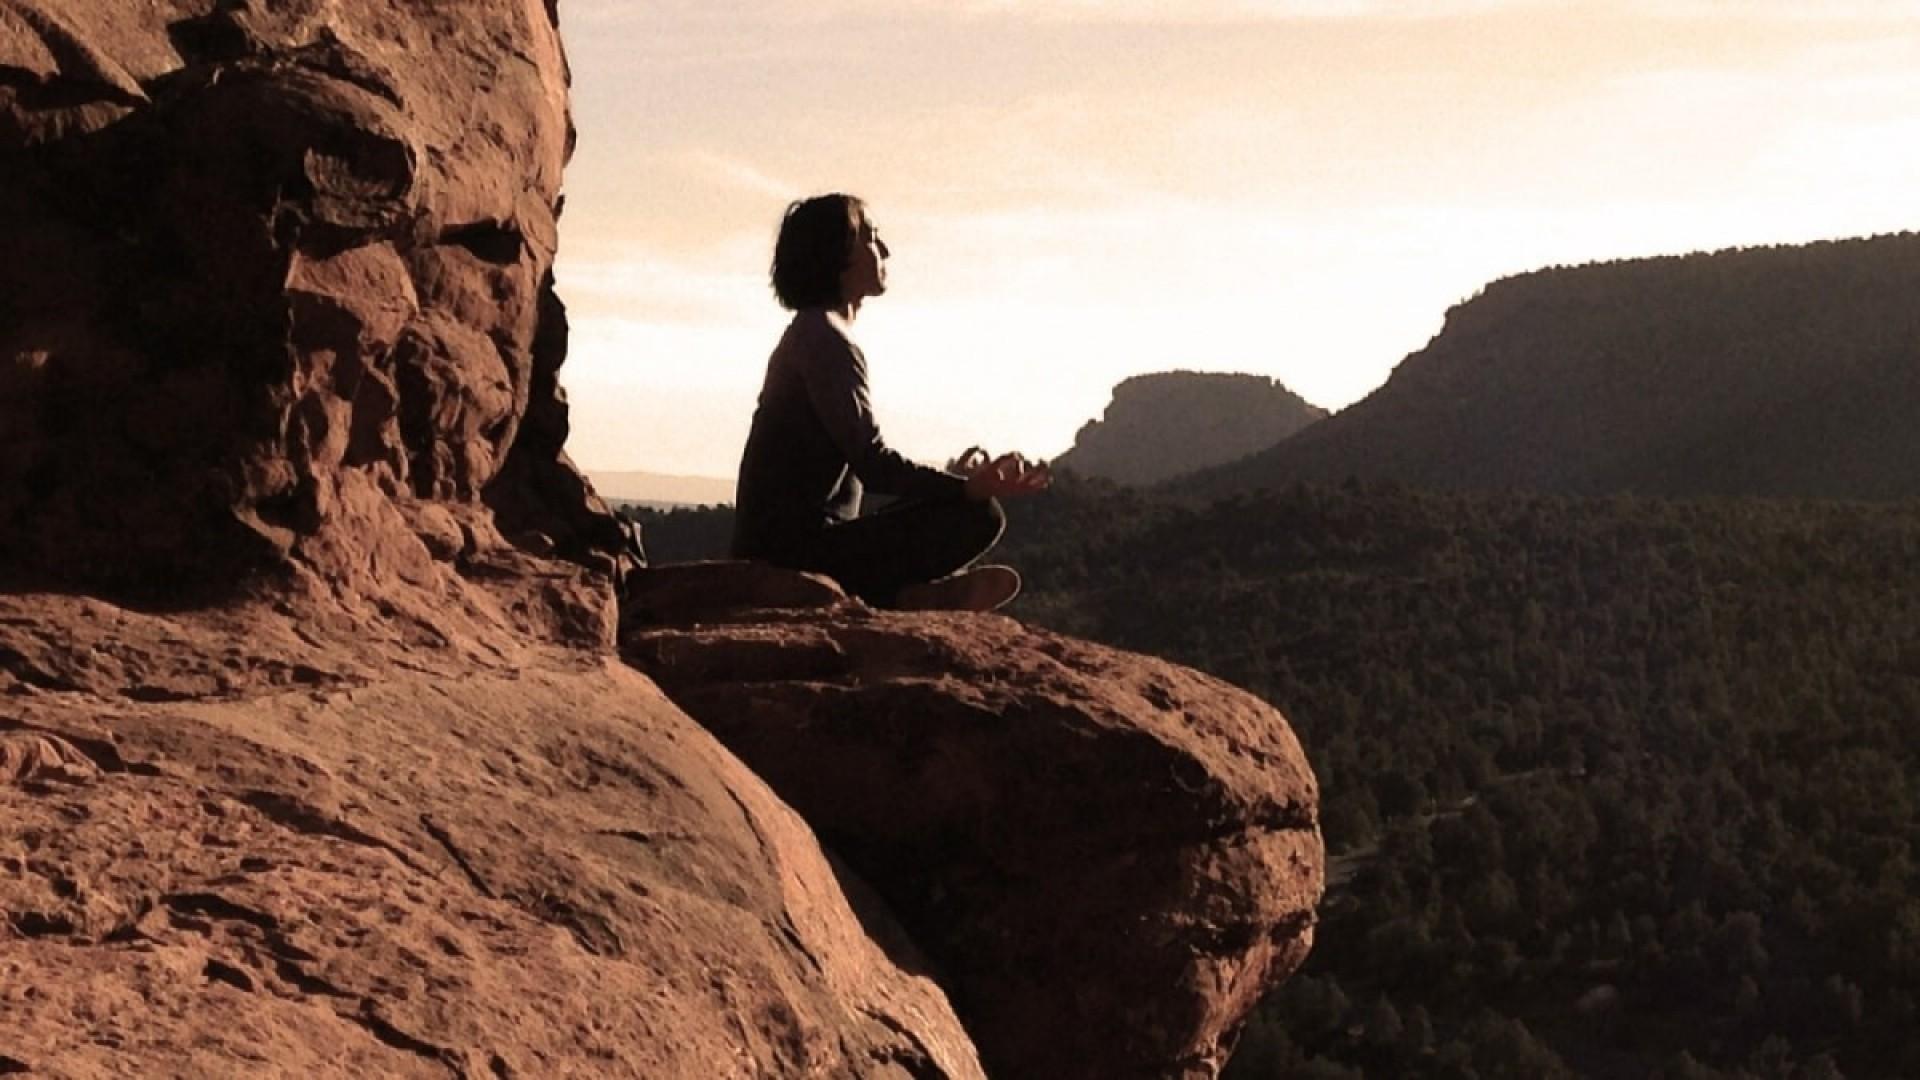 Йога: медитация и ее воздействие, часть 2